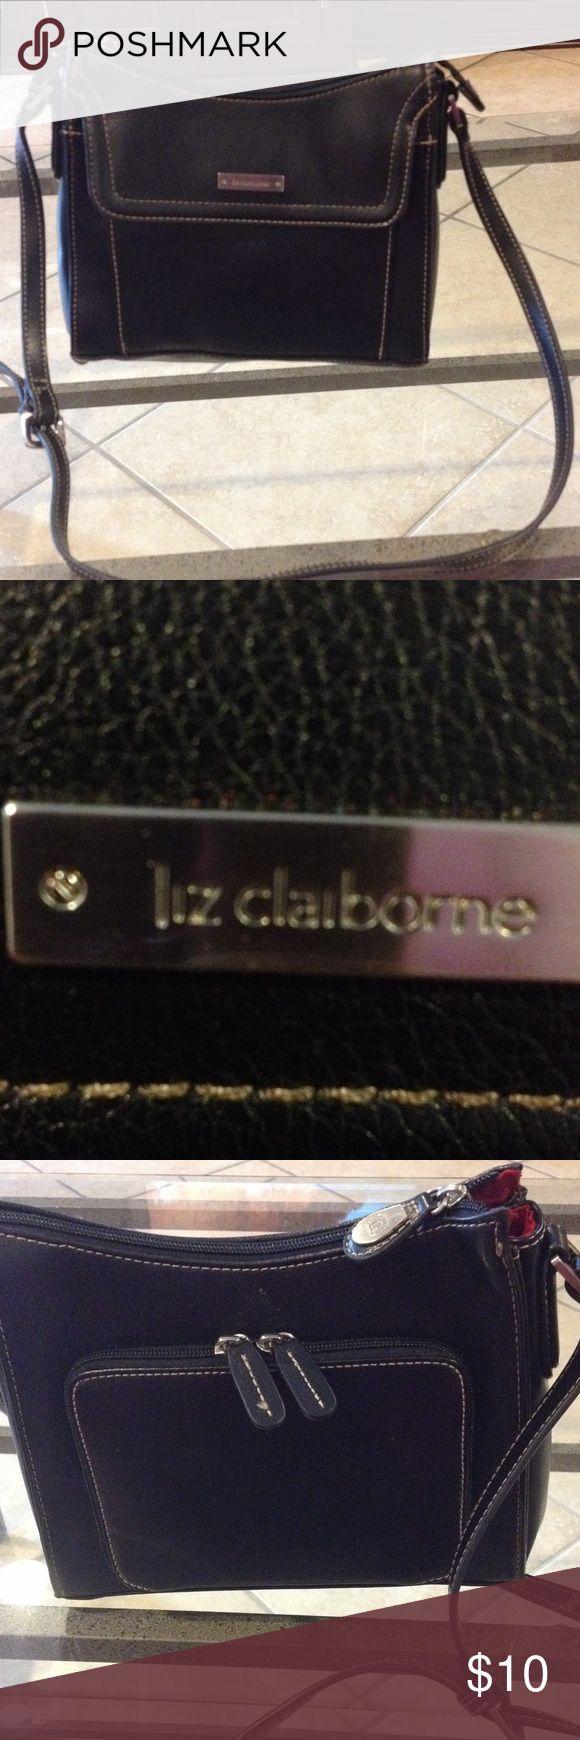 Liz Claiborne black purse good condition Liz Claiborne black purse good condition Liz Claiborne Bags Shoulder Bags